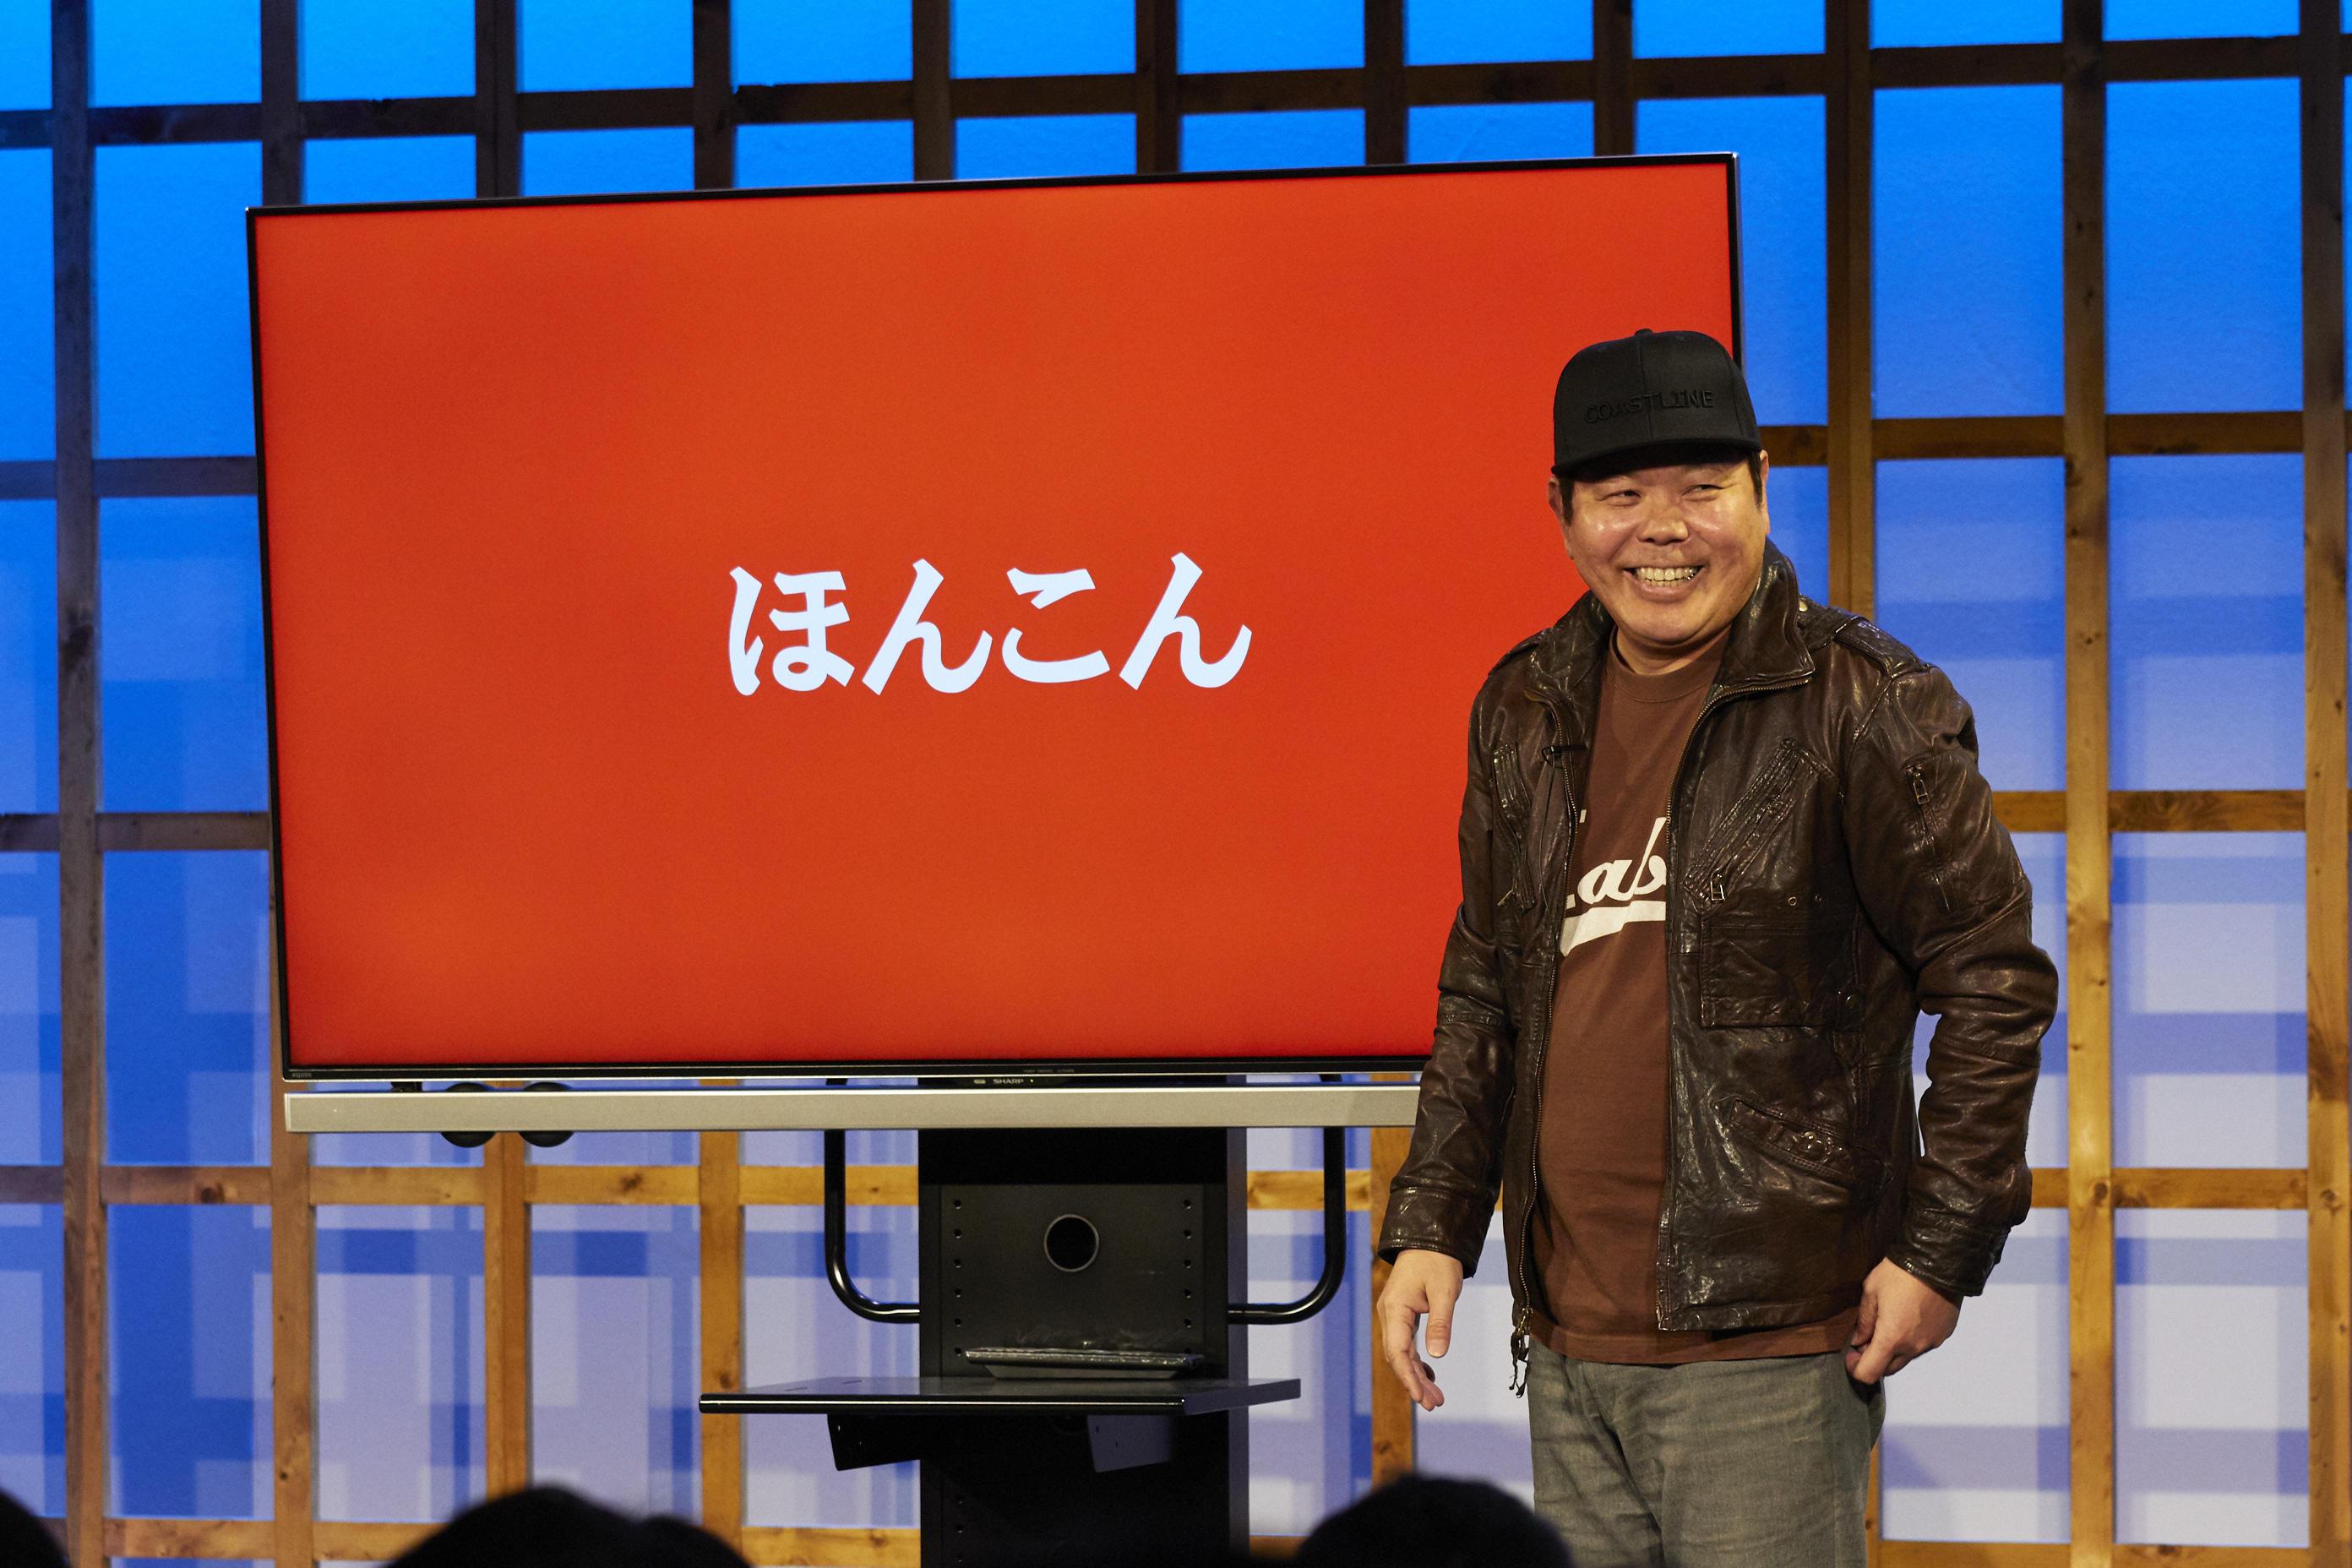 http://news.yoshimoto.co.jp/20180401095153-628910404b7c75d04970e32816fbbf3ec7c9c9ea.jpg